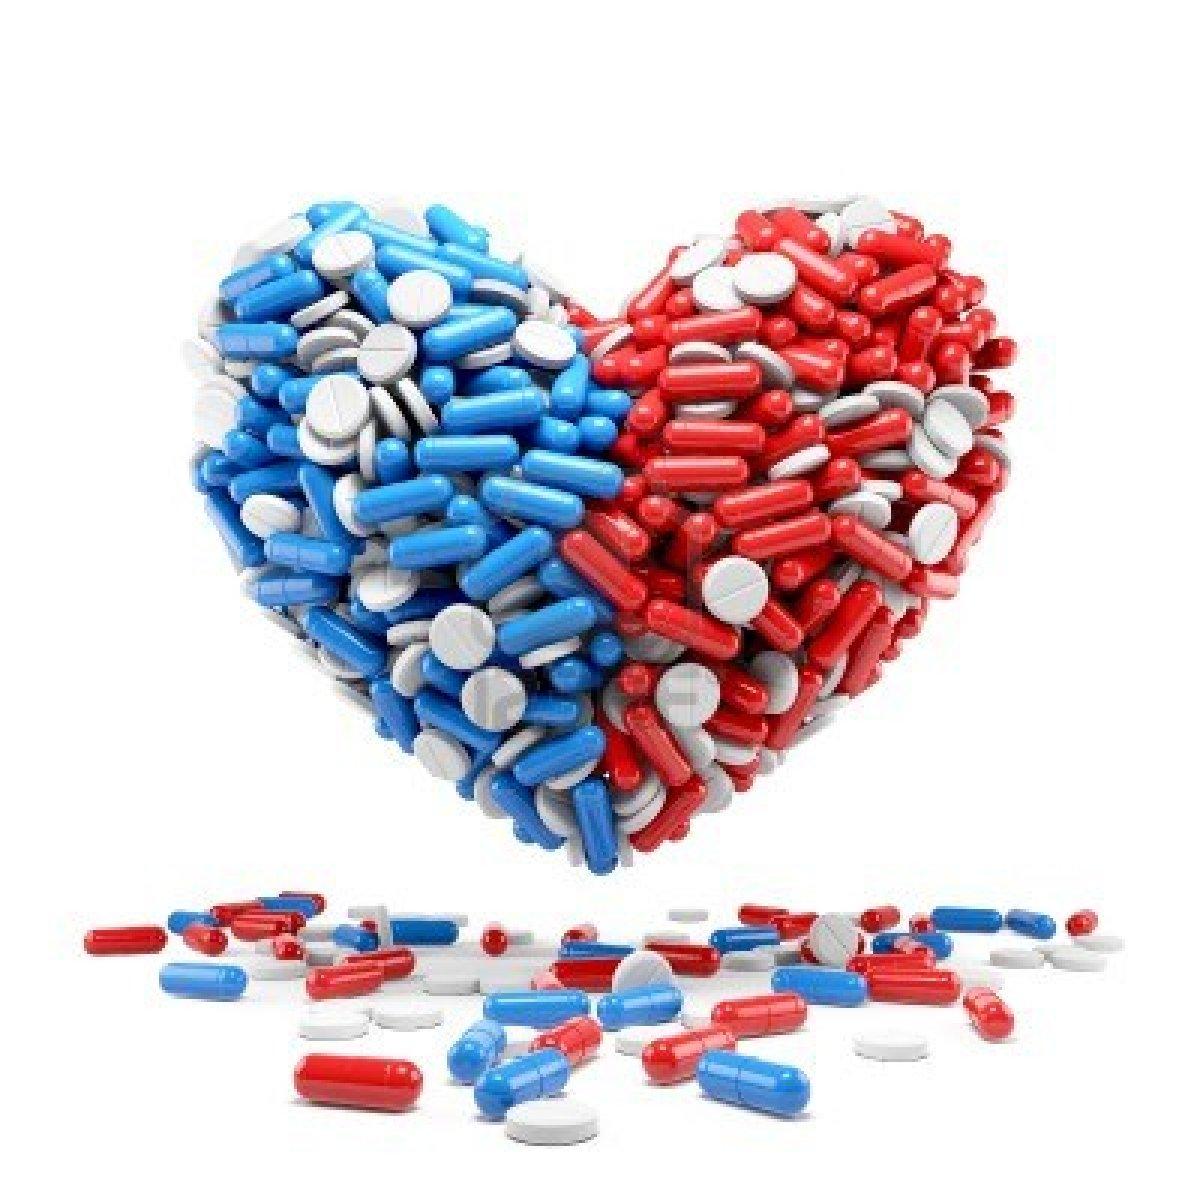 Cómo 4 cosas cambiarán la forma en que se acerca Hipertensión arterial